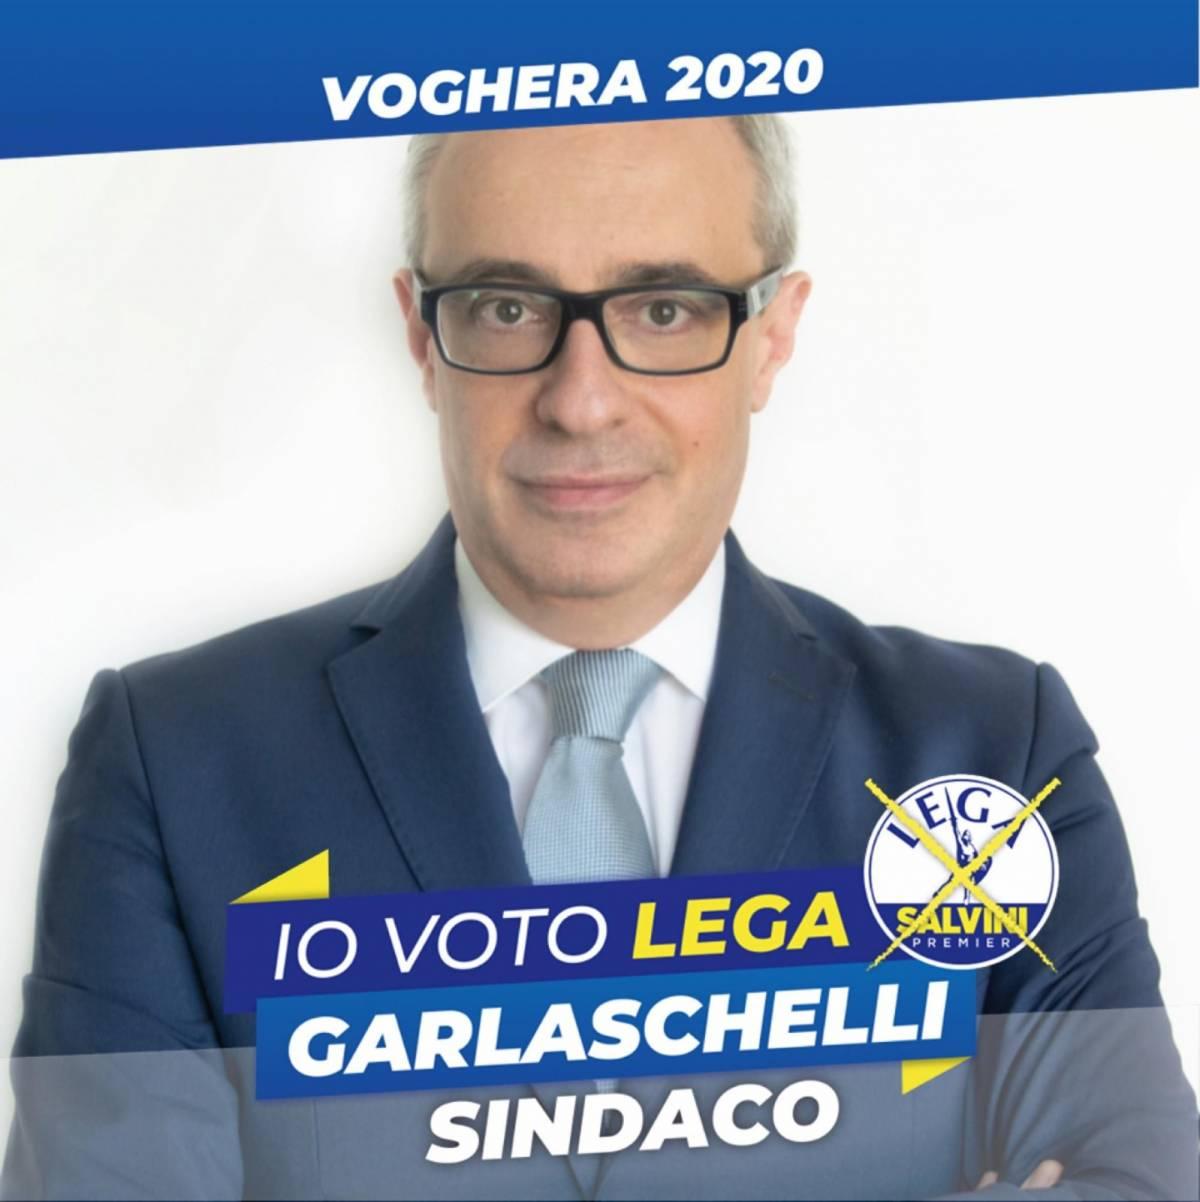 Chi è Massimo Adriatici, l'assessore leghista fermato a Voghera